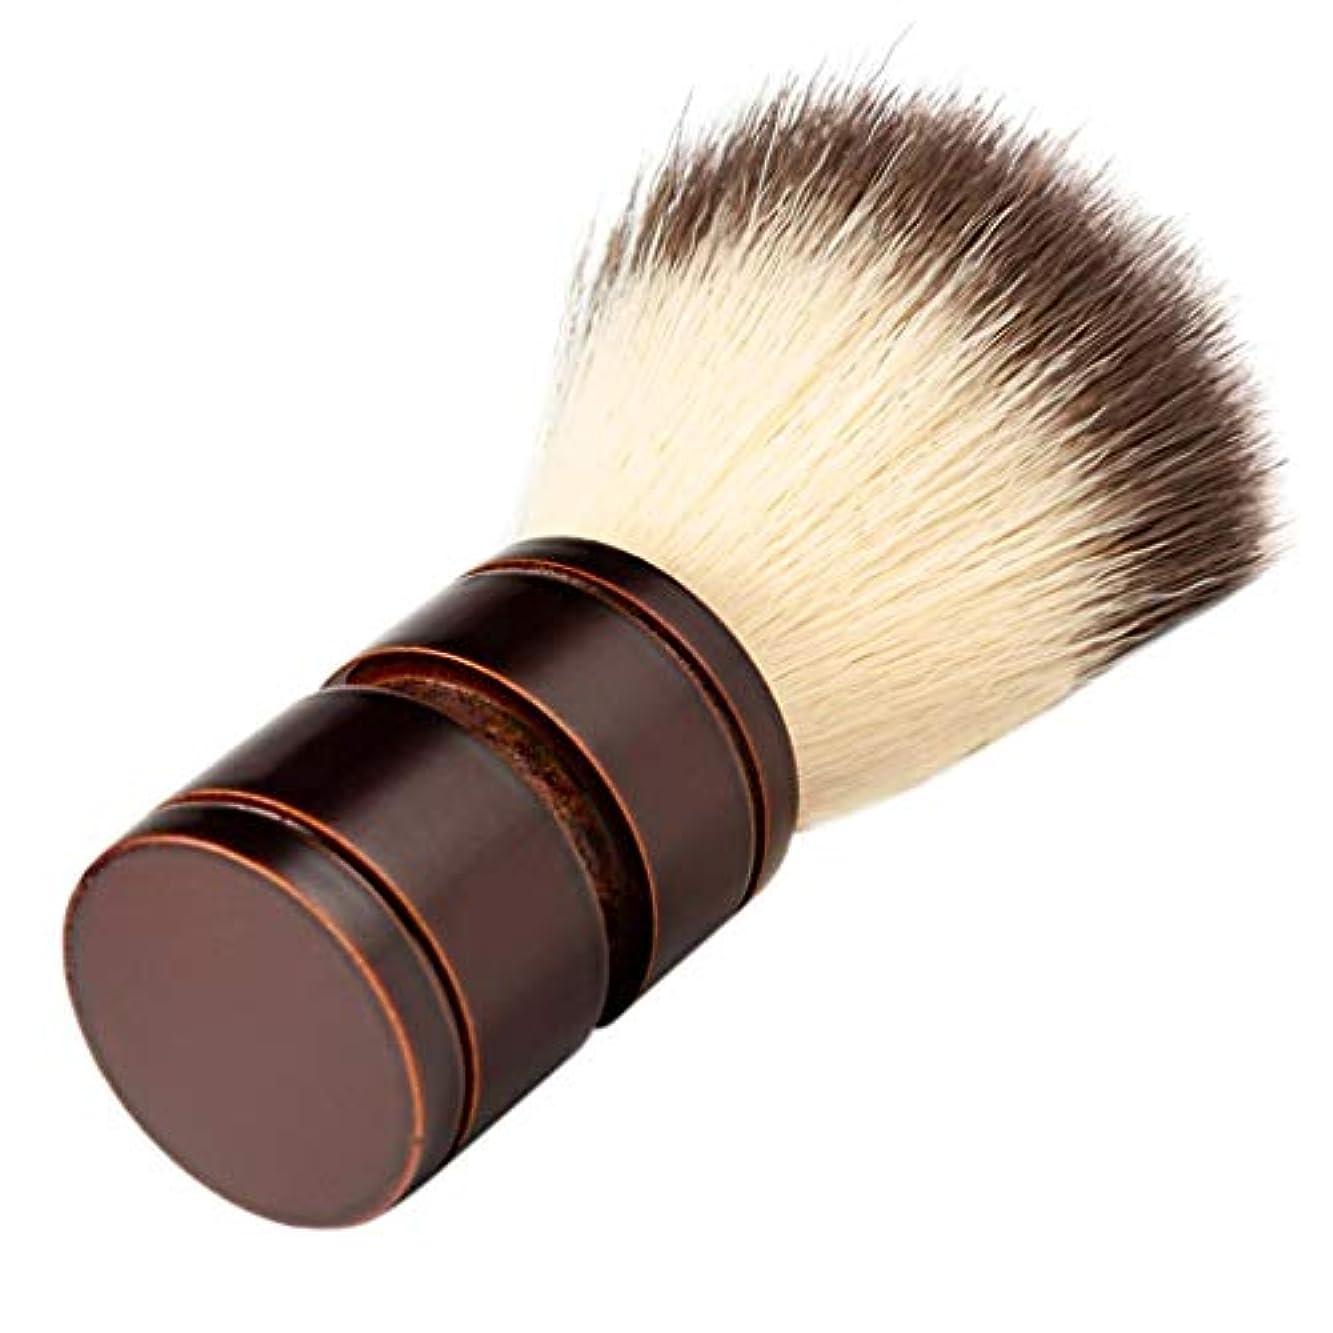 接触蜂旅行ひげブラシ シェービングブラシ ひげ剃り 柔らかい 髭剃り 泡立ち 理容 美容ツール